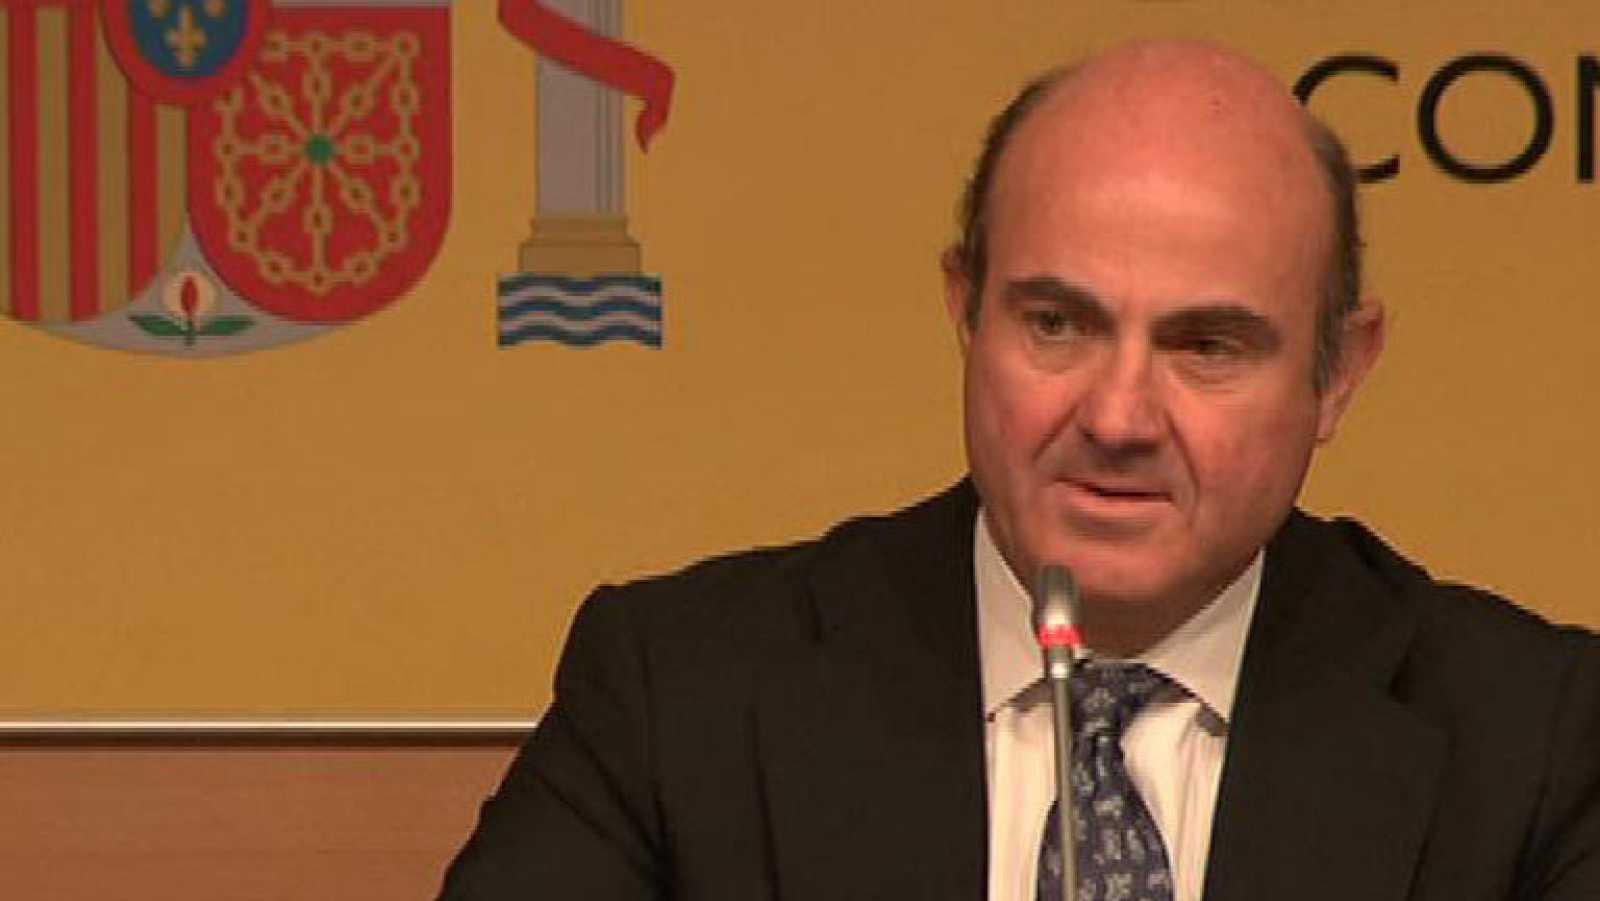 El ministro de Economía, Luis de Guindos confirma la solicitud del rescate financiero español a la UE.